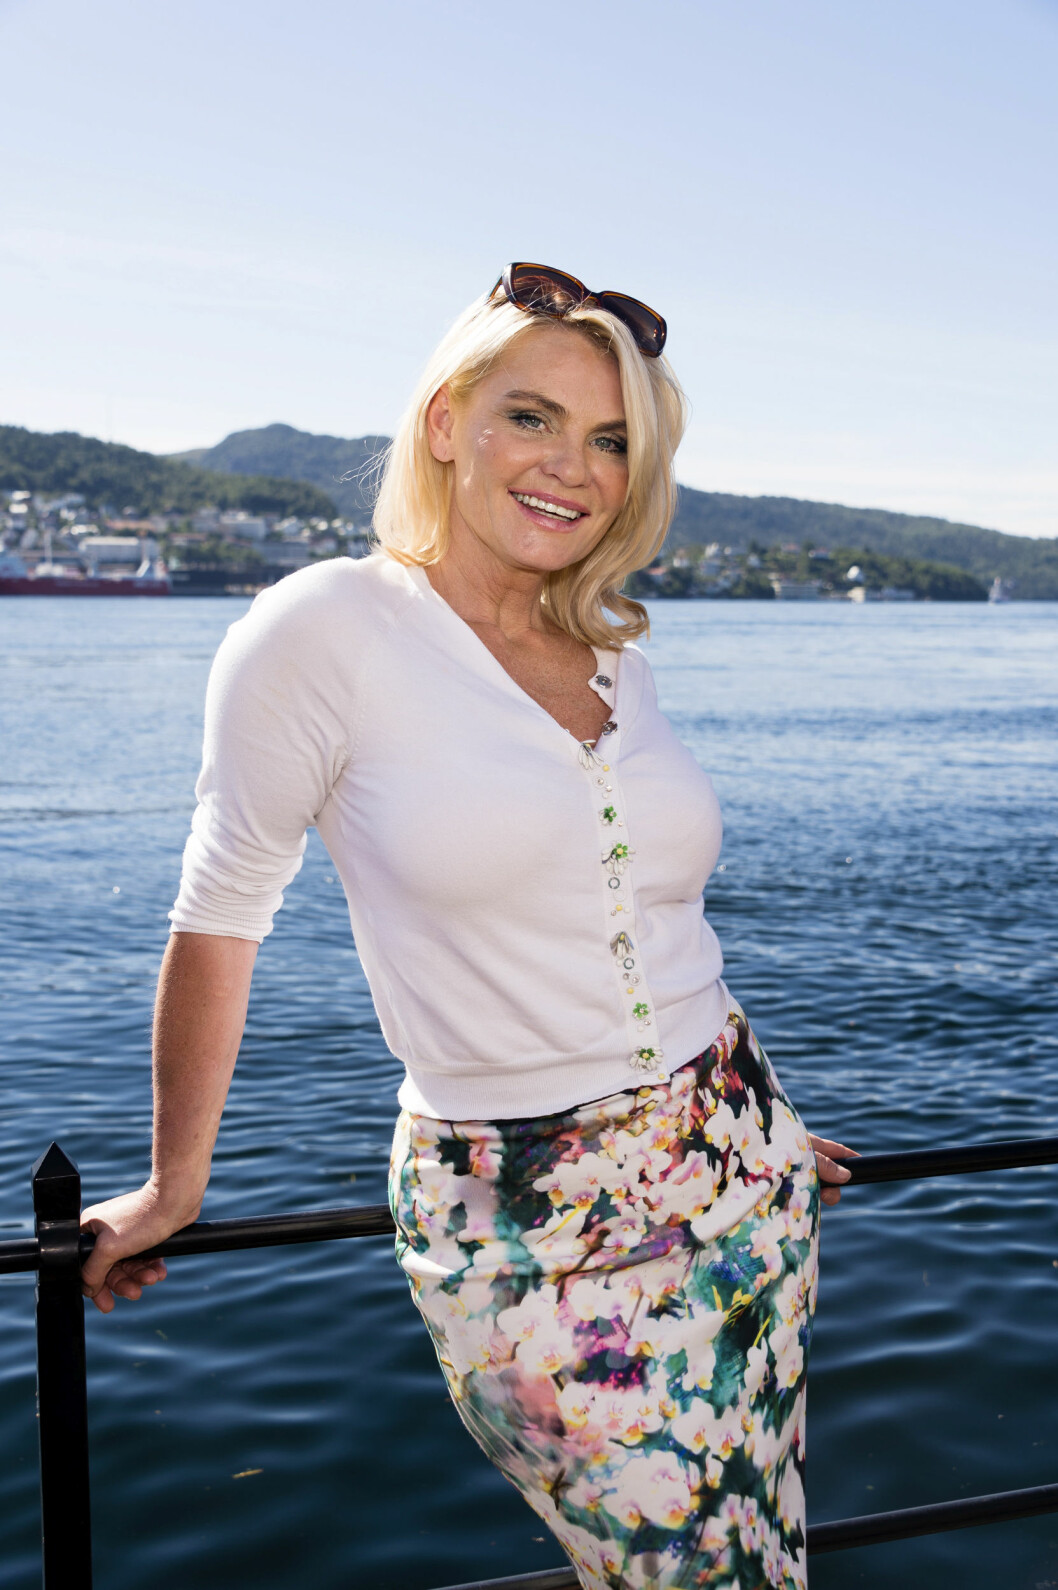 TØFF TID: Mia Gundersen er klar for en ny sesong av «Norske talenter» etter å ha lagt et vanskelig år bak seg.  Foto: Geir Egil Skog